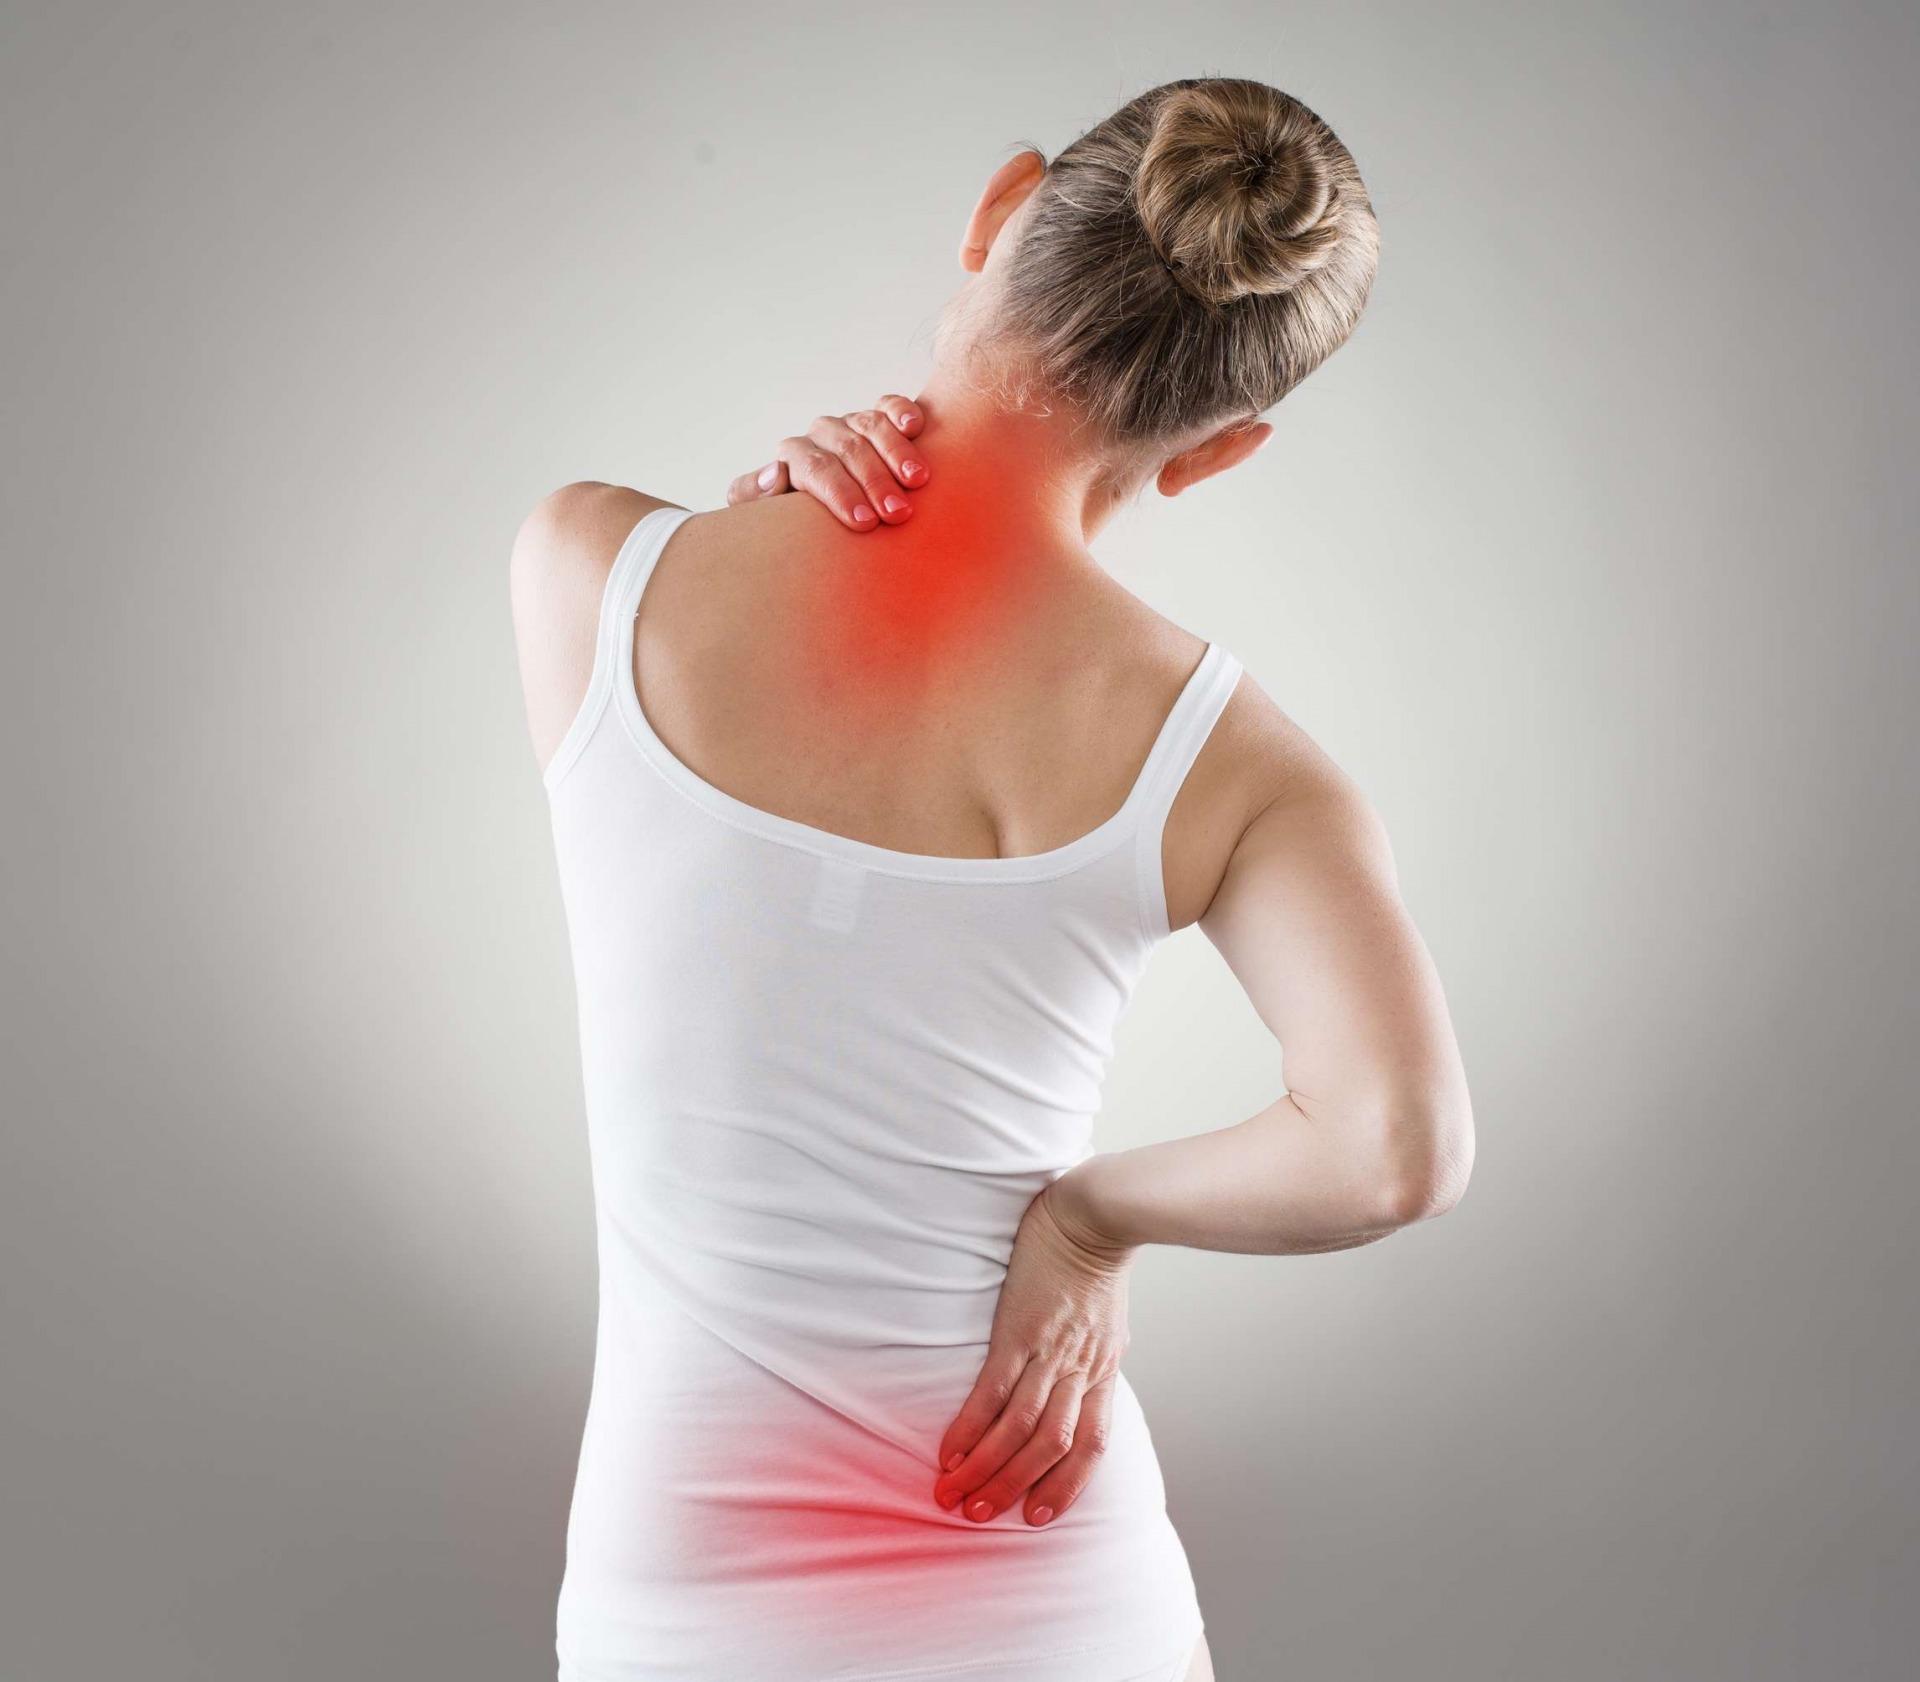 Добавката на 21st Century Глюкозамин сулфат е допълнително обогатена с калций за още по-добра грижа и подхранване на ставите и костната система.